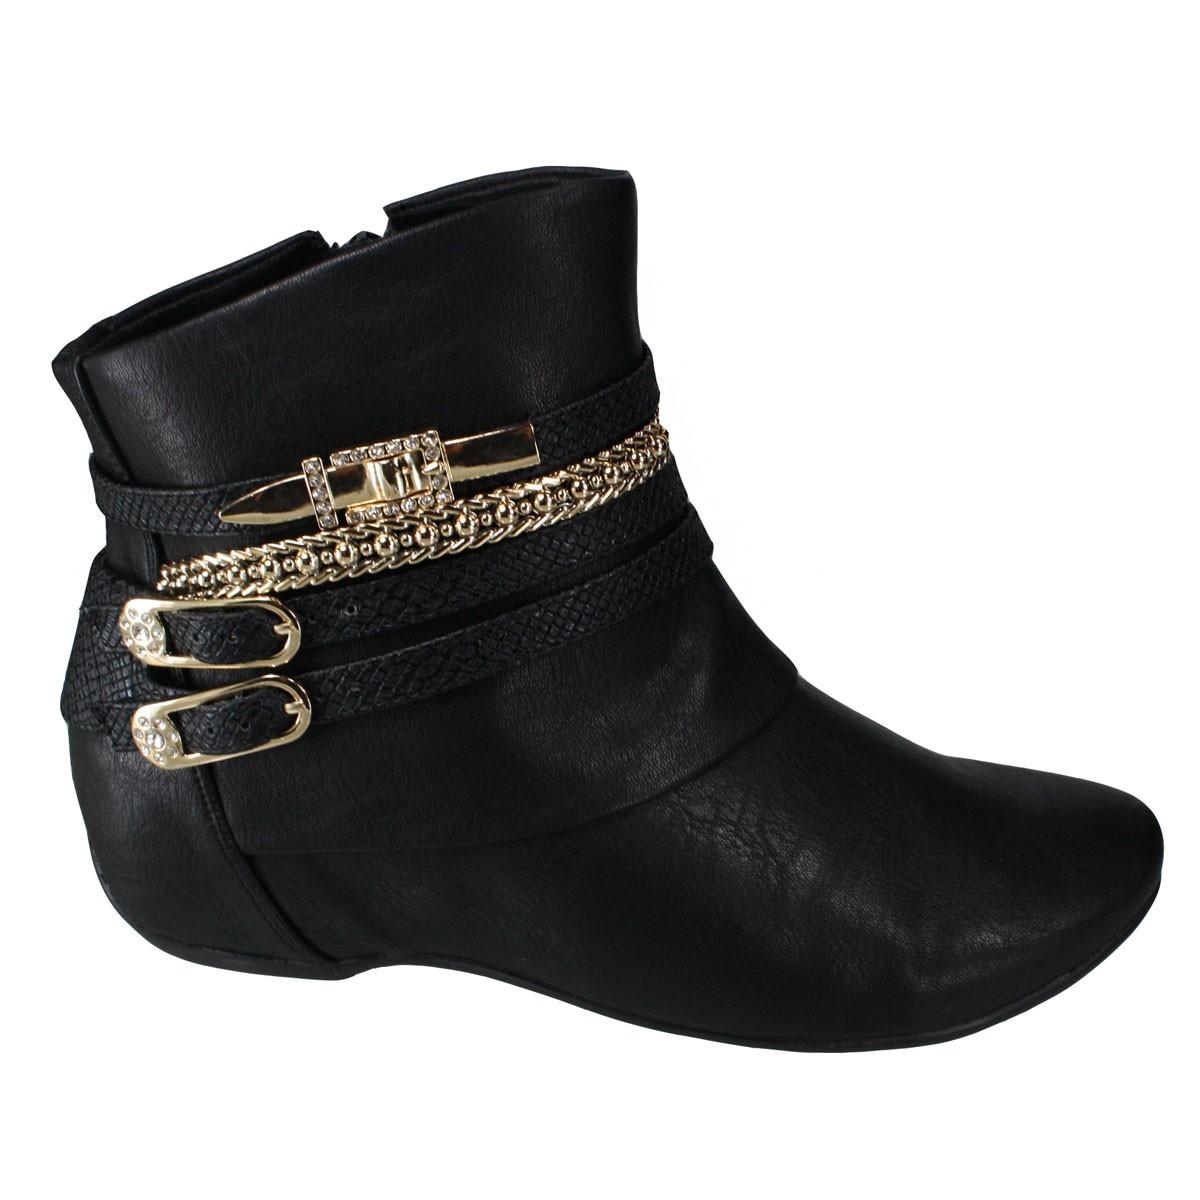 20713e0613 Bizz Store - Bota Feminina Comfortflex Cano Curto Preta Rasteira